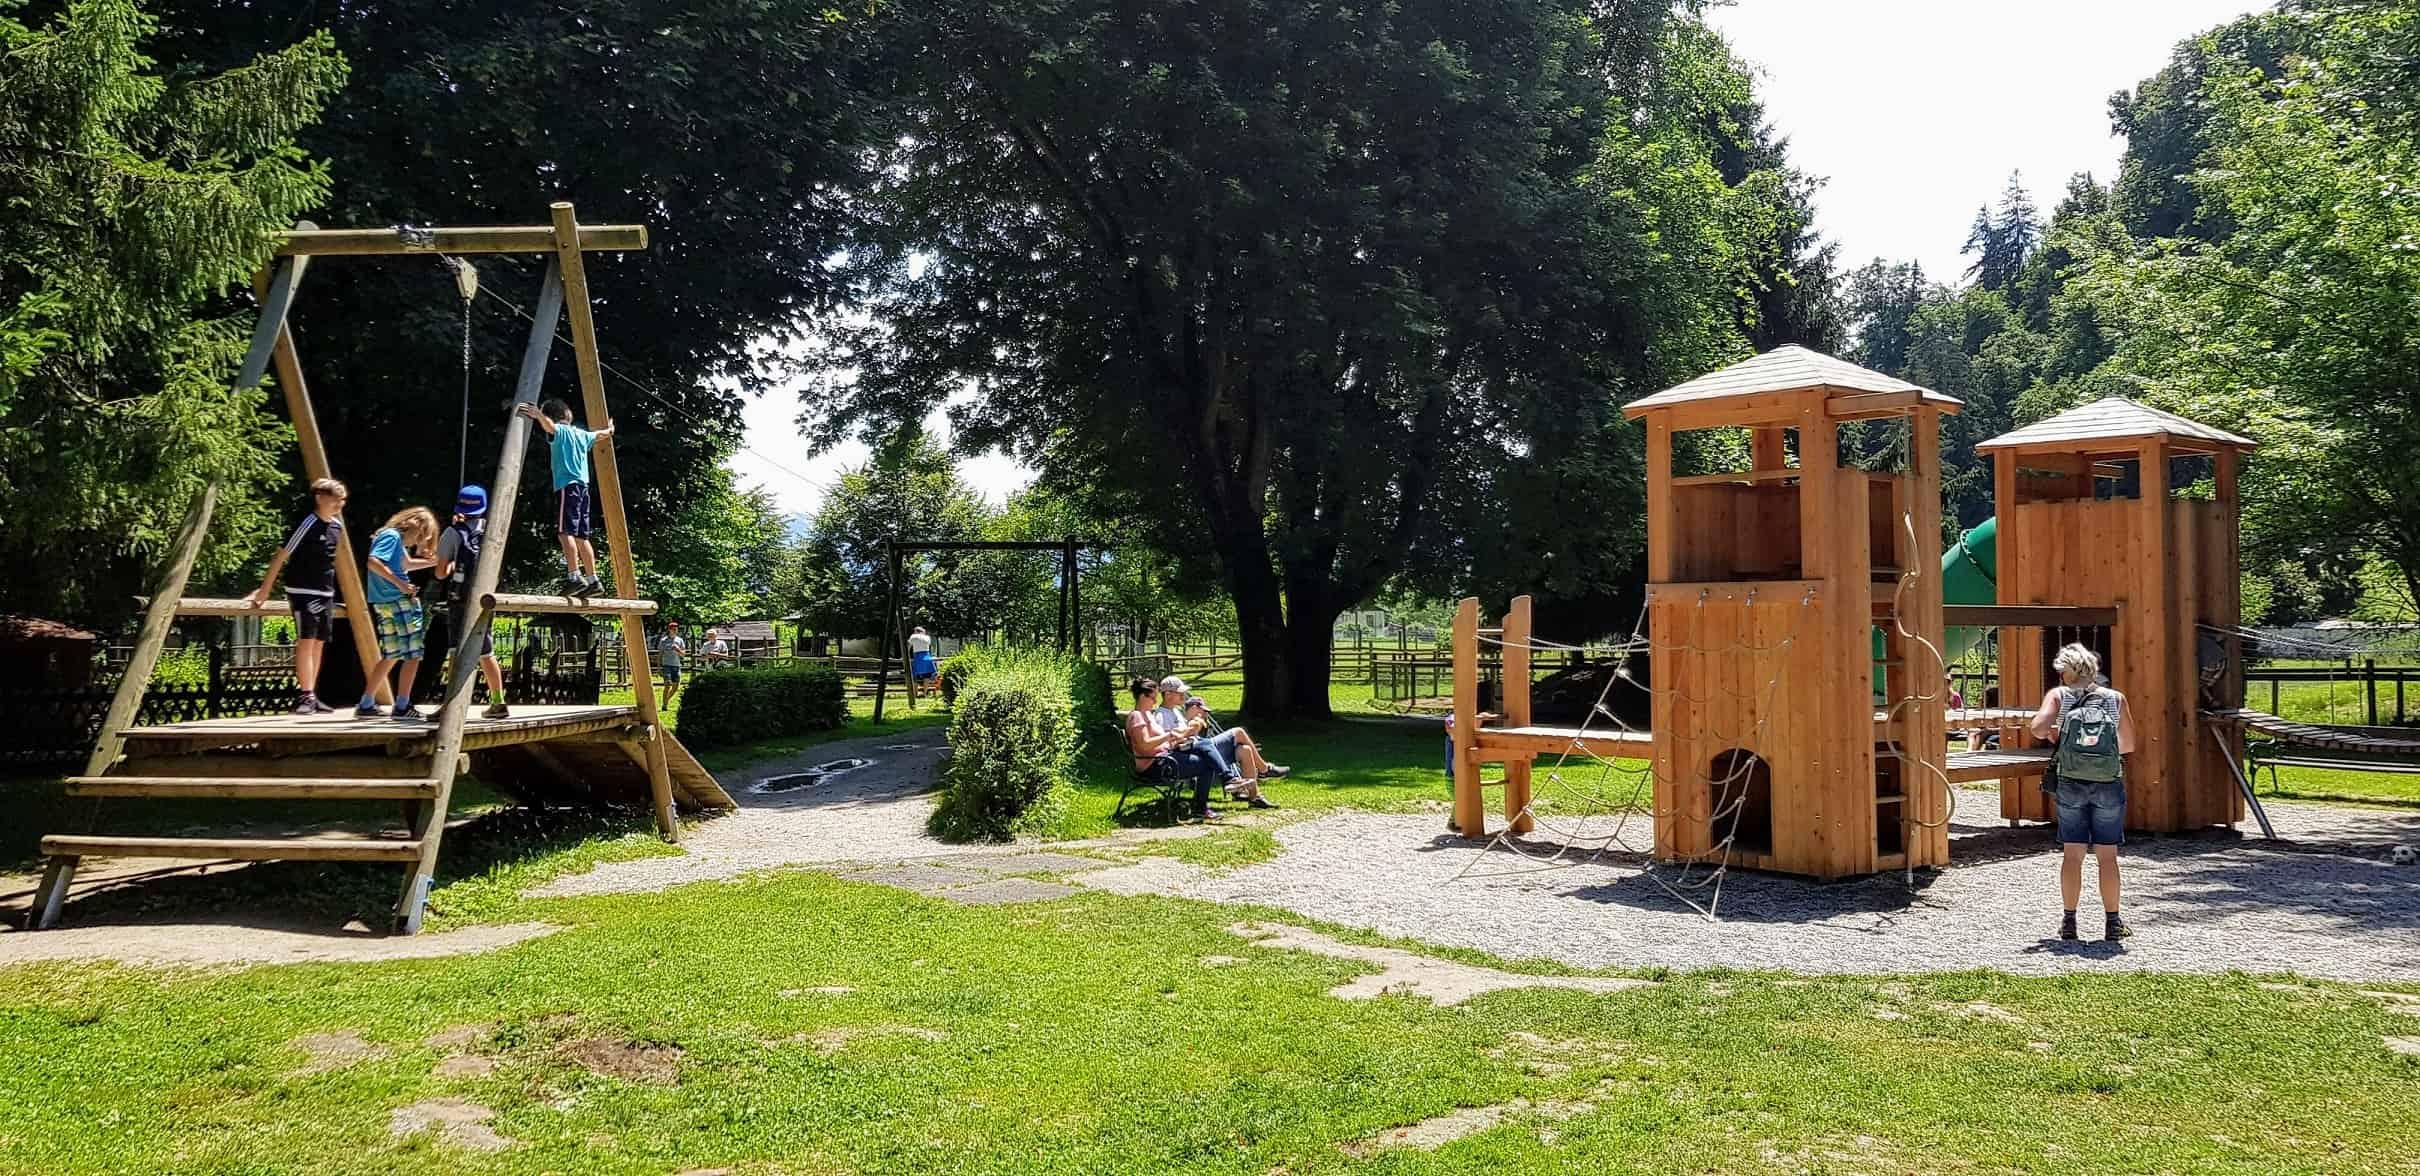 Kärntens TOP Ausflugzsiele Spielplatz Tierpark Rosegg